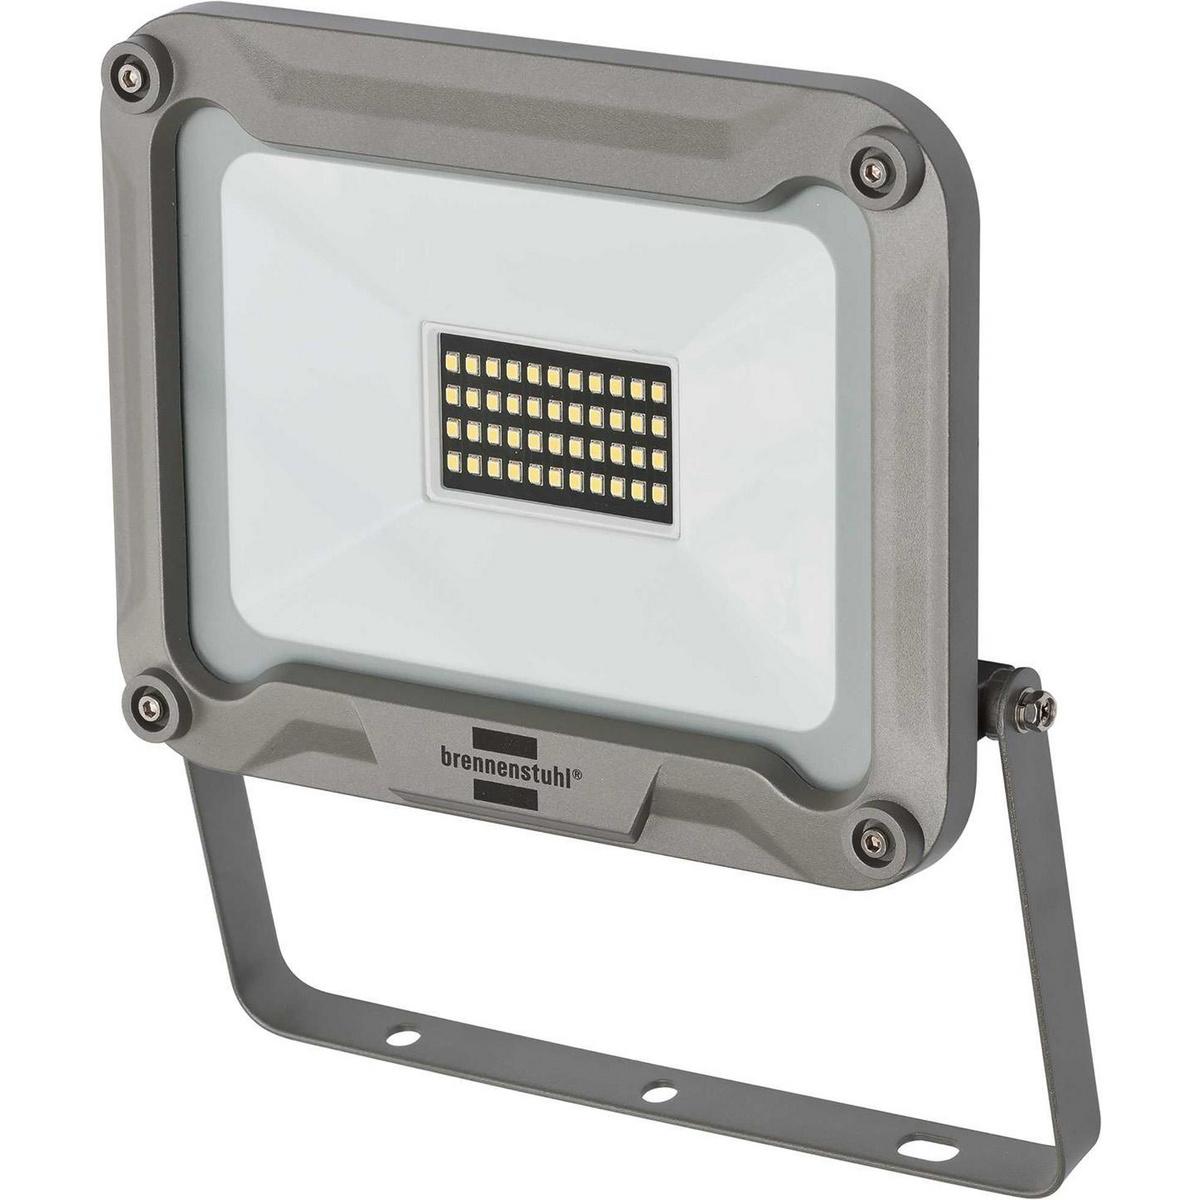 Adecuado para instalación en interiores y exteriores, IP 65. Potente lámpara de 30 WLED con chip para montaje en pared, con distribución de luz extra ancha para iluminar una superficie grande. Ideal para aficionados, talleres y obras de construcción. Entr